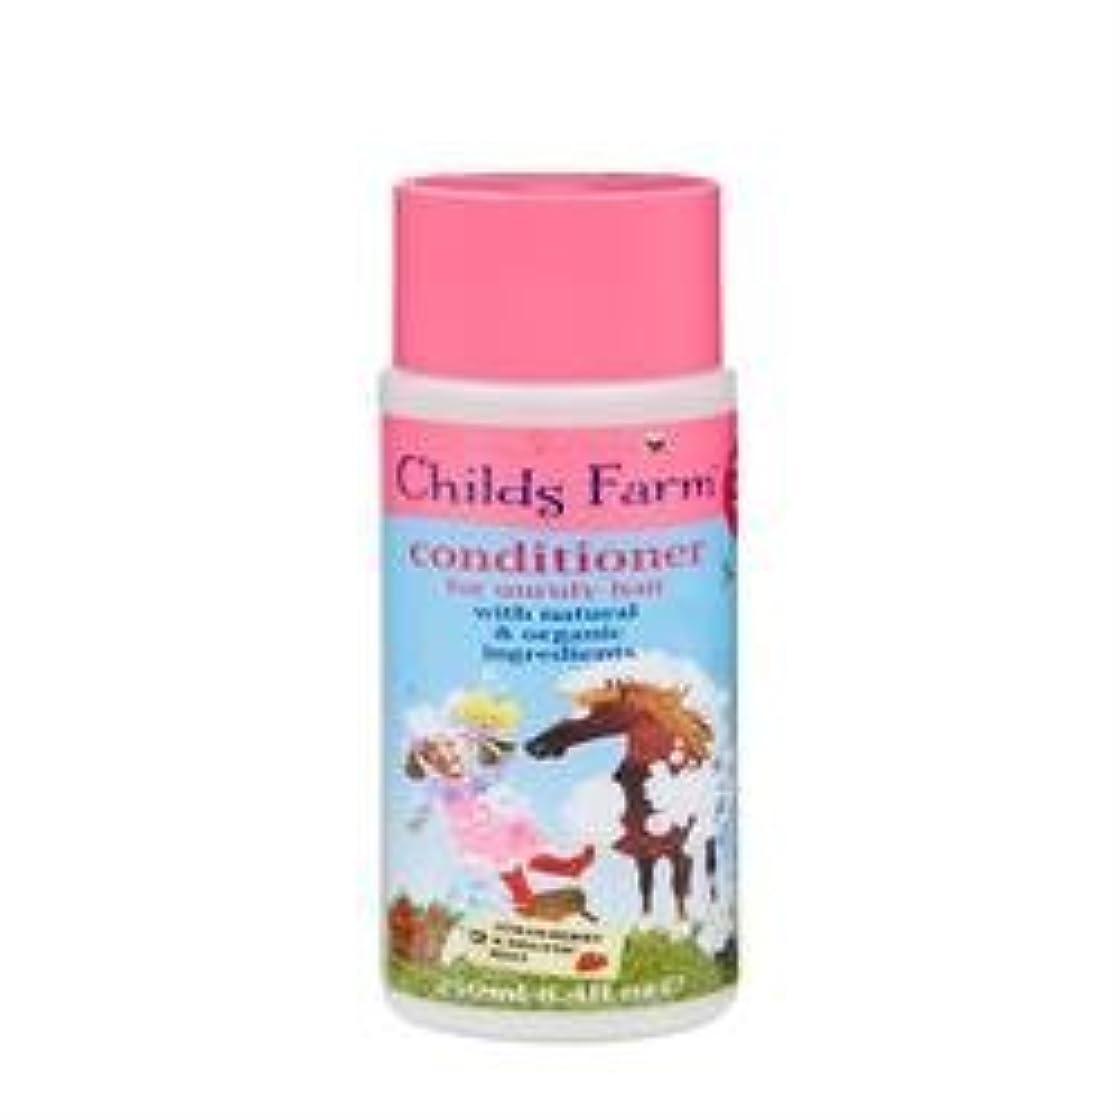 教育者交換可能近似Conditioner for Unruly Hair (250ml) x 6 Pack by Childs Farm [並行輸入品]